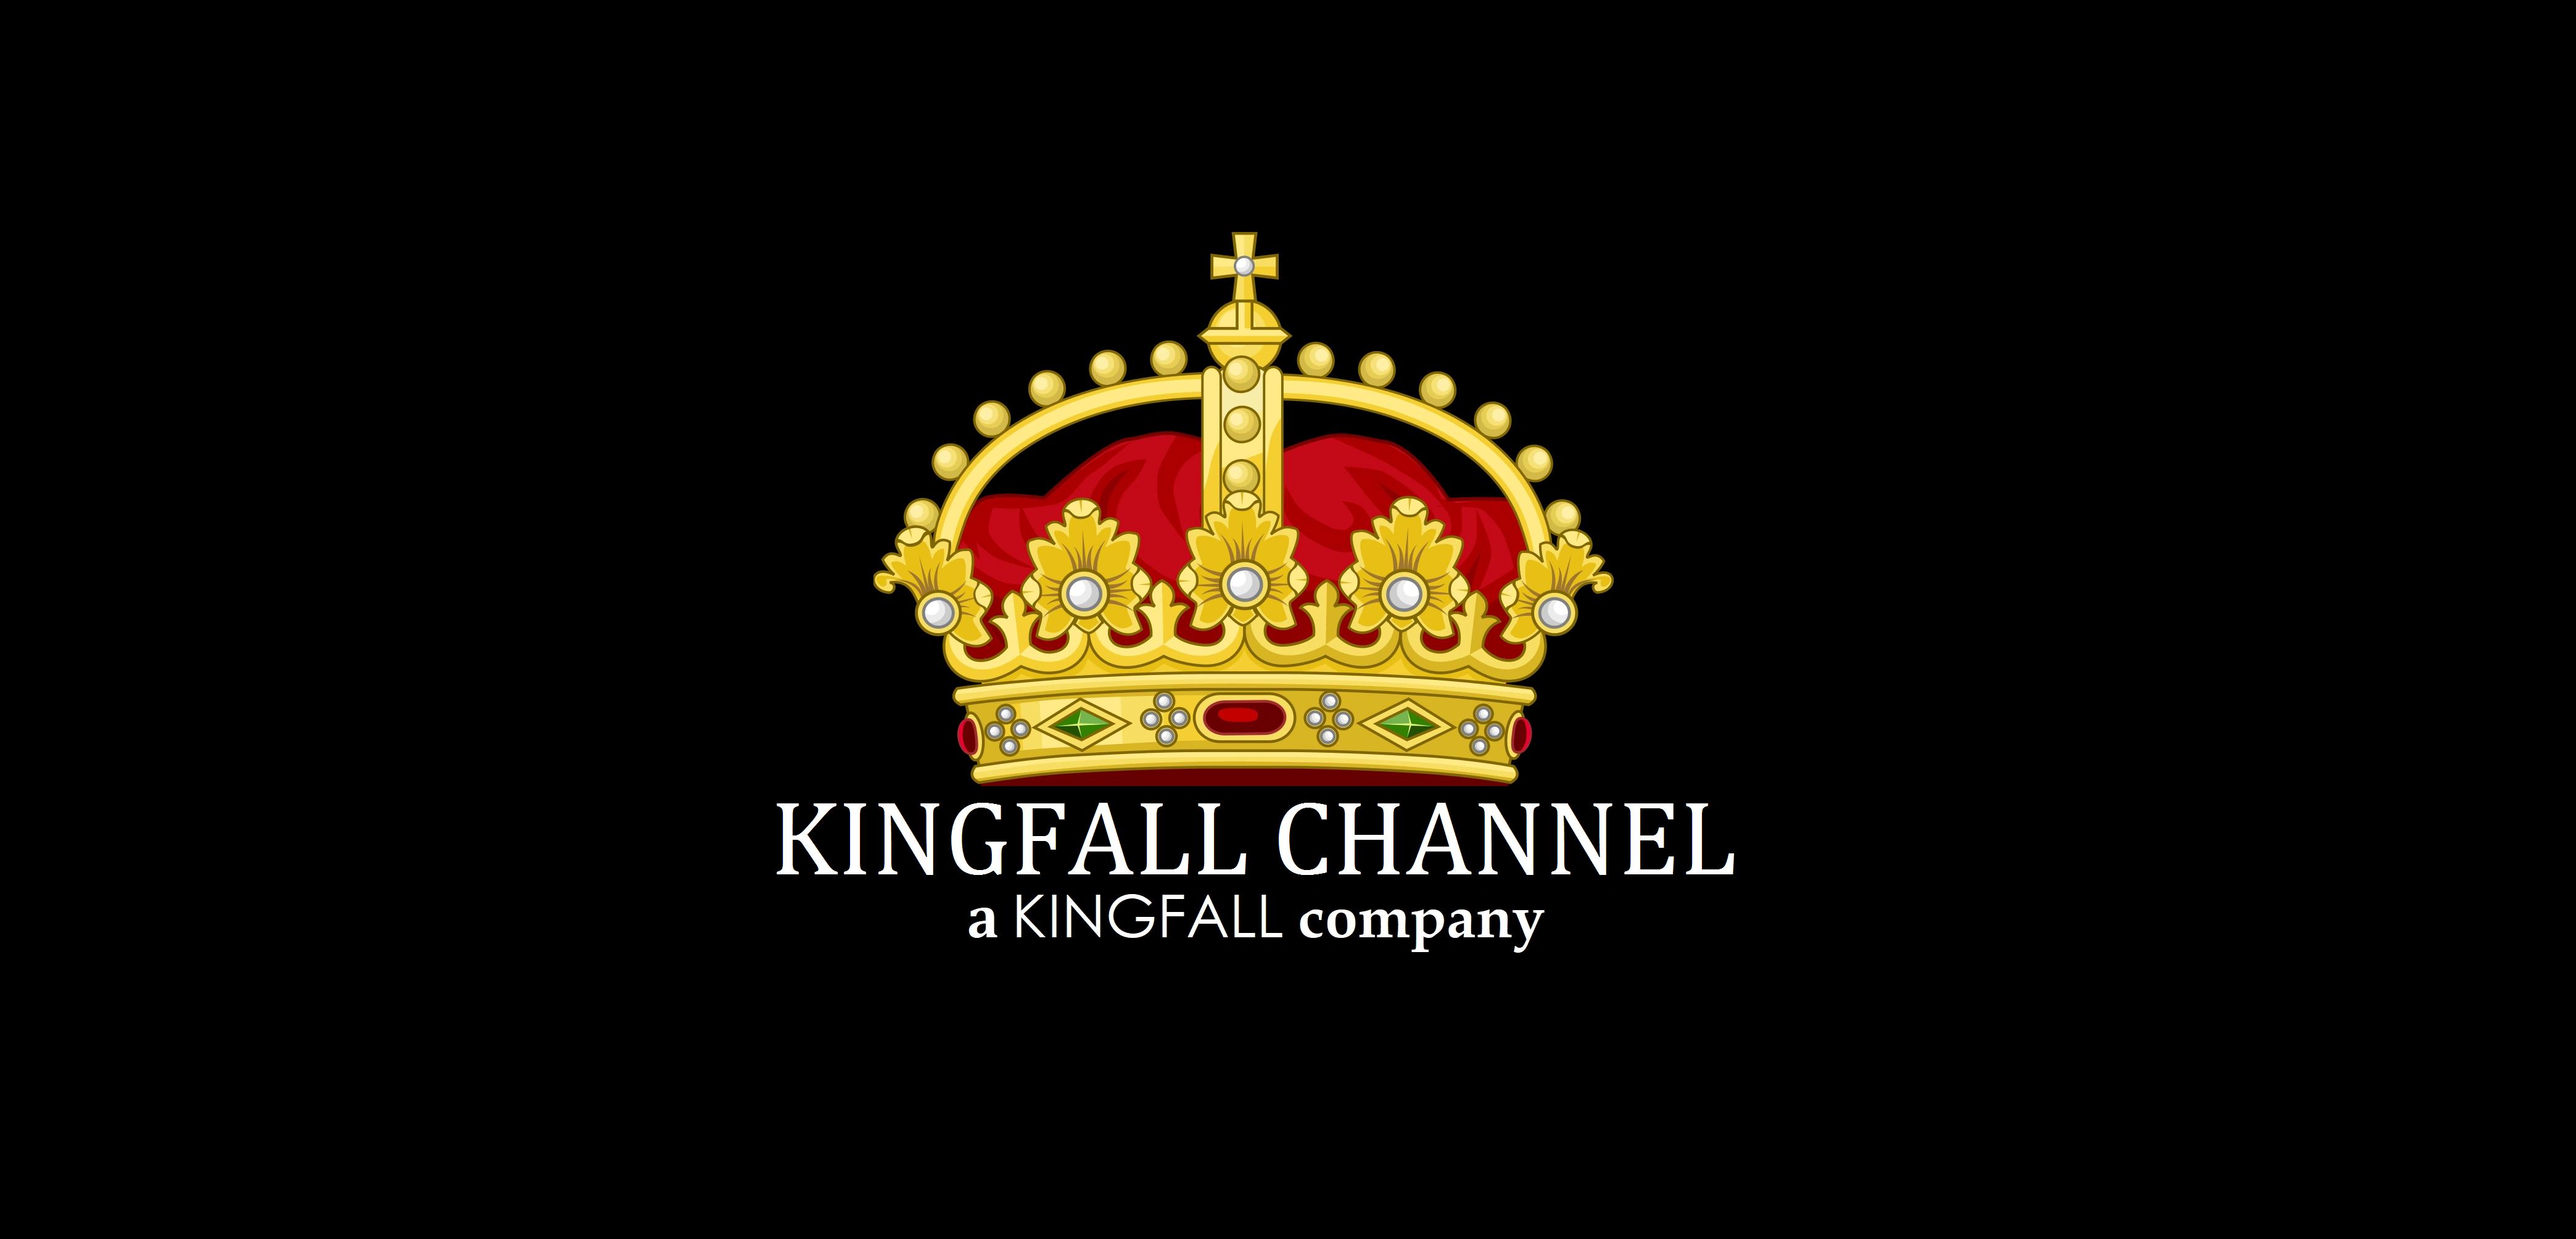 Kingfall Channel